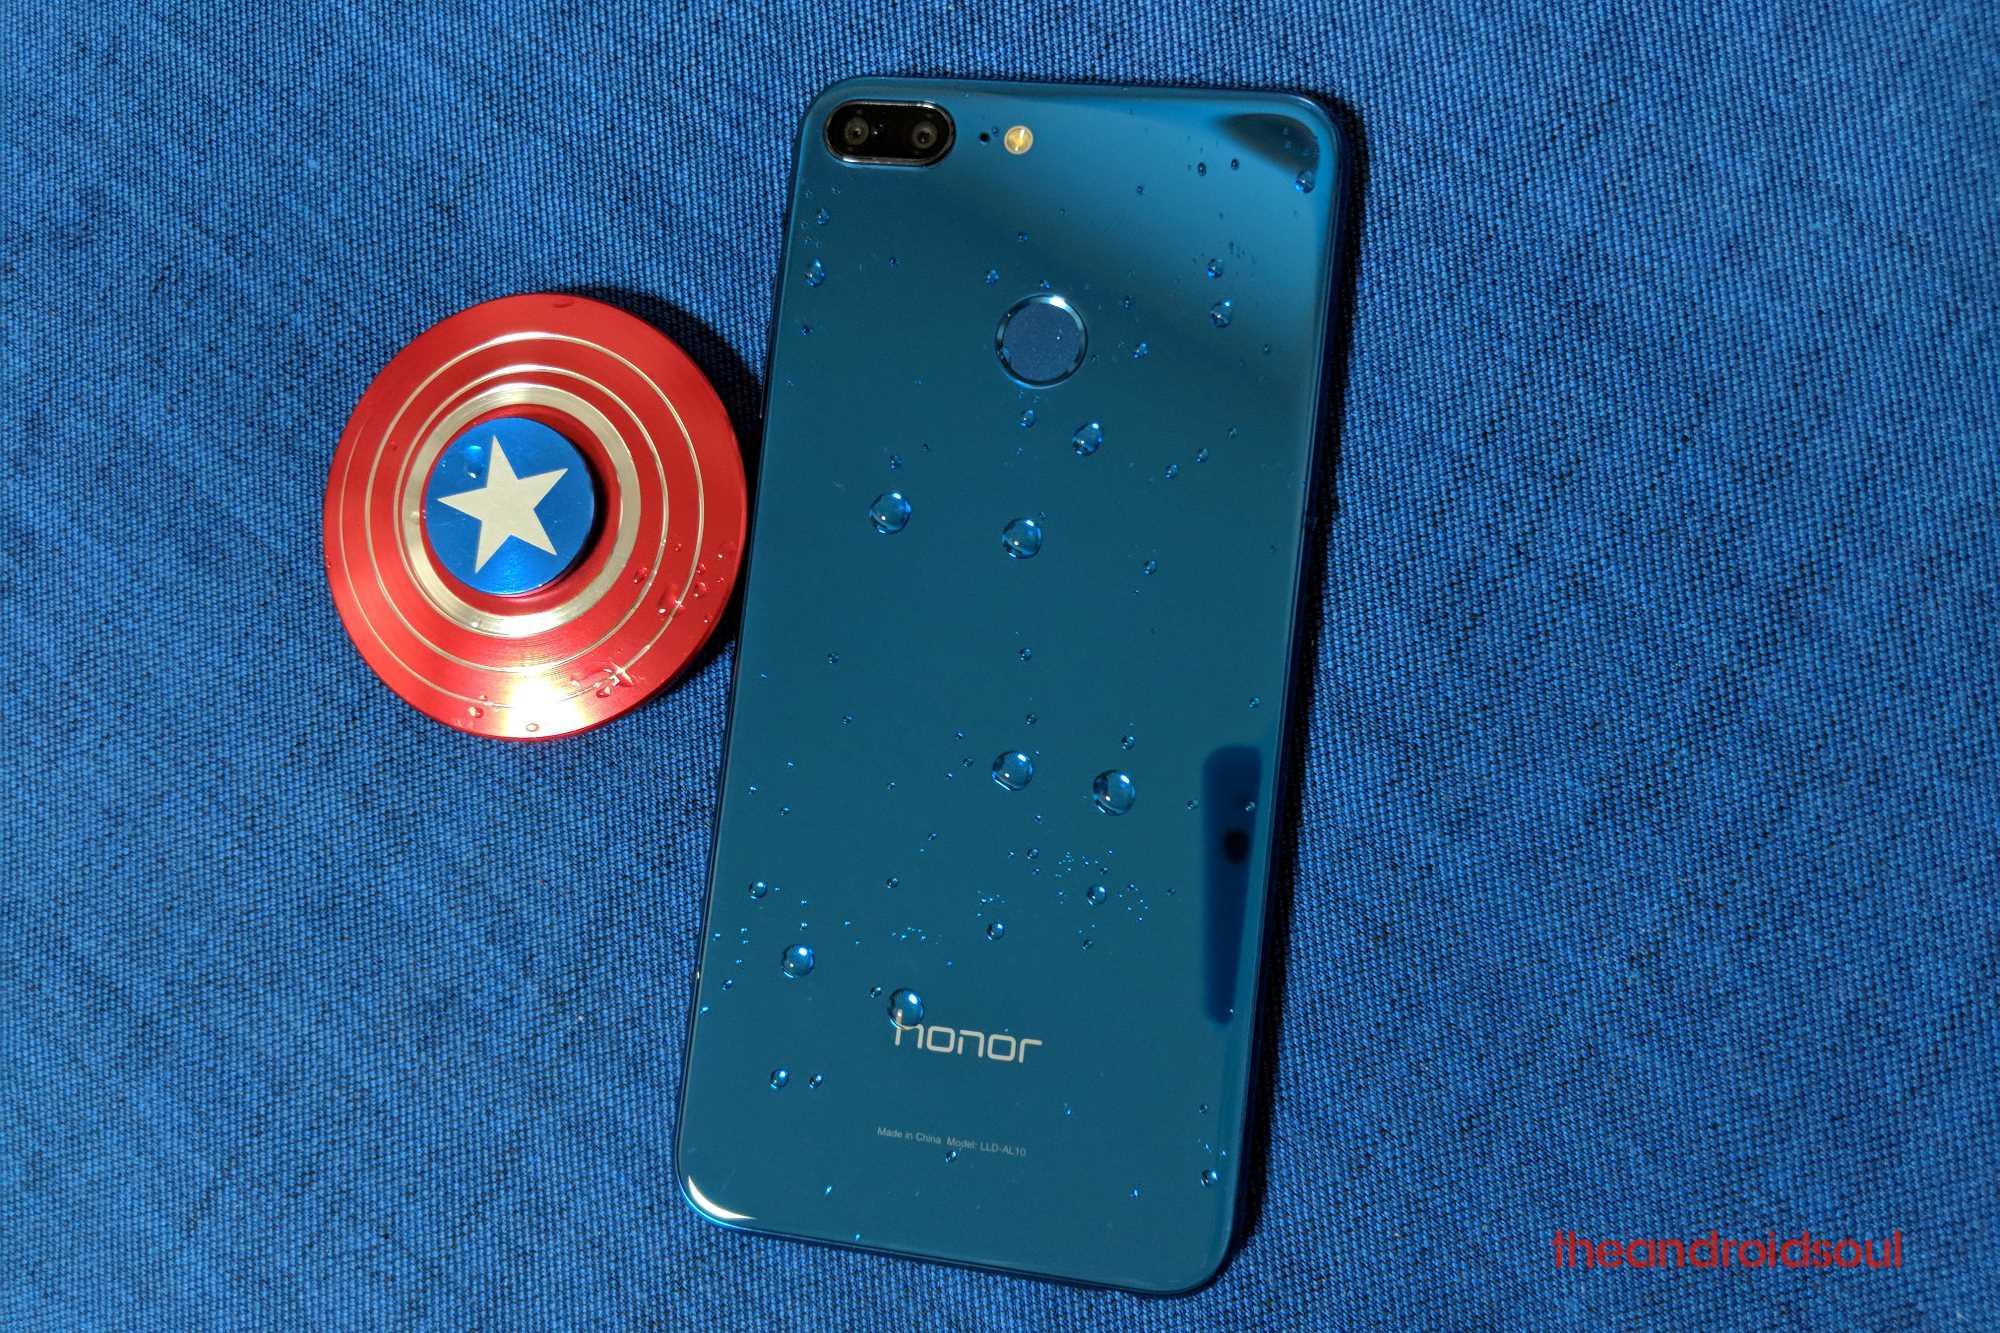 Honor-9-lite-waterproof